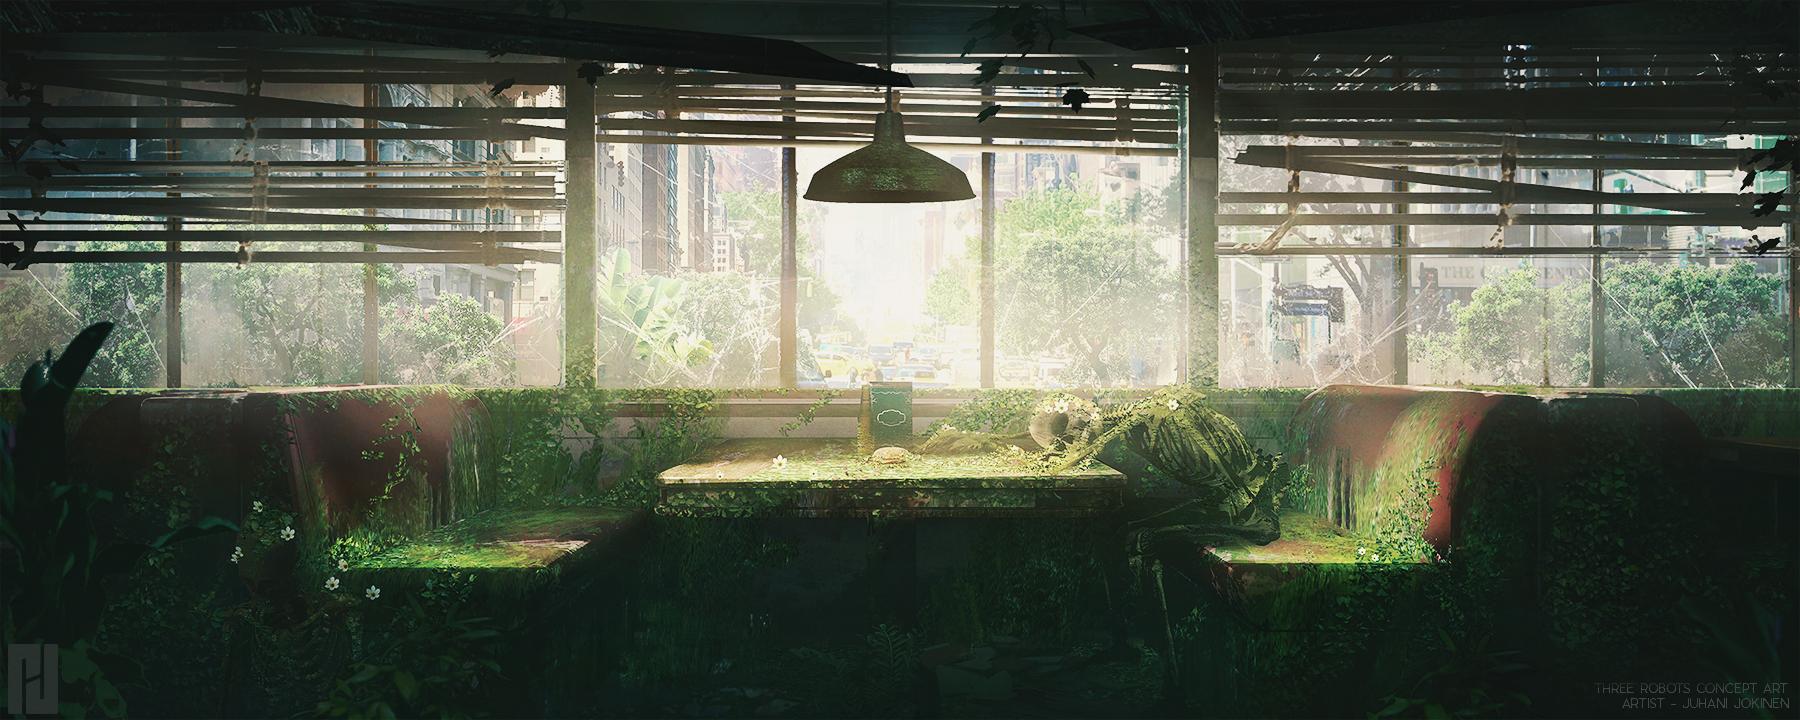 Diner_interior_web.jpg